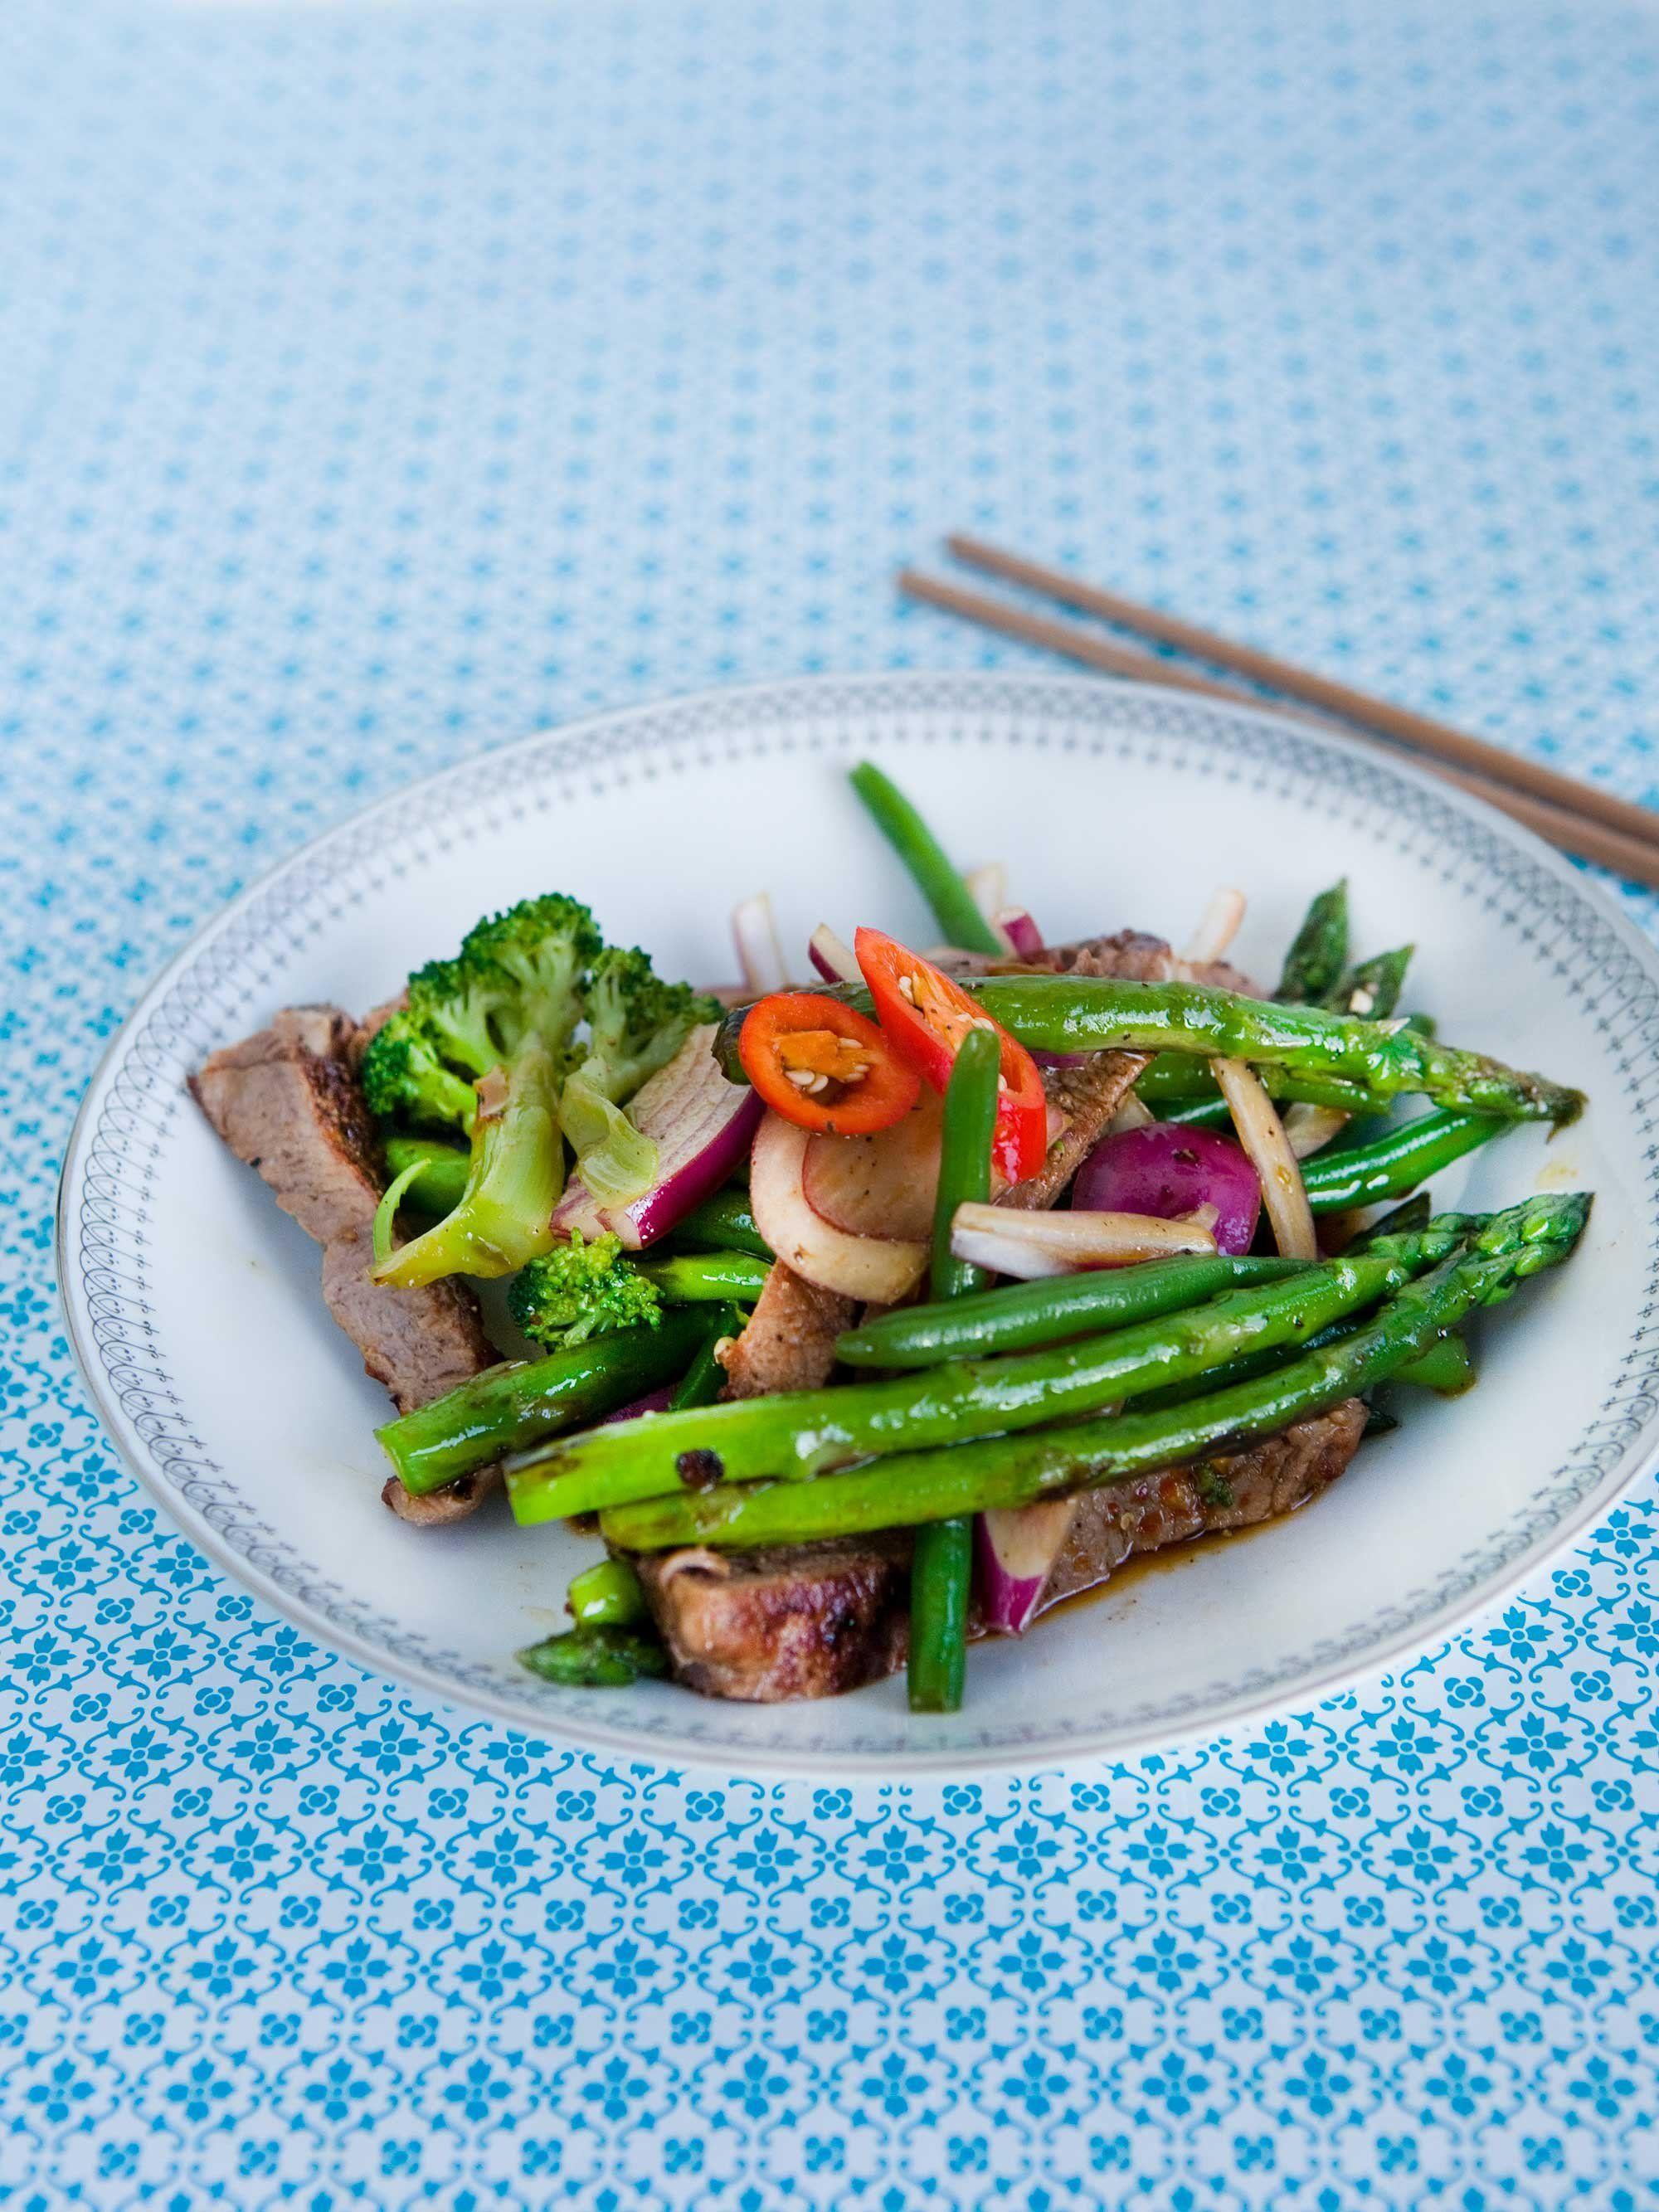 Lynstegt oksekød med asparges og chili Aftensmad på ingen tid! Lynstegt oksekød med asparges og chili kan serveres med dine ynglingsgrønsager men asparges passer særdeles godt til bøffen.  SlankeDoktor.dk